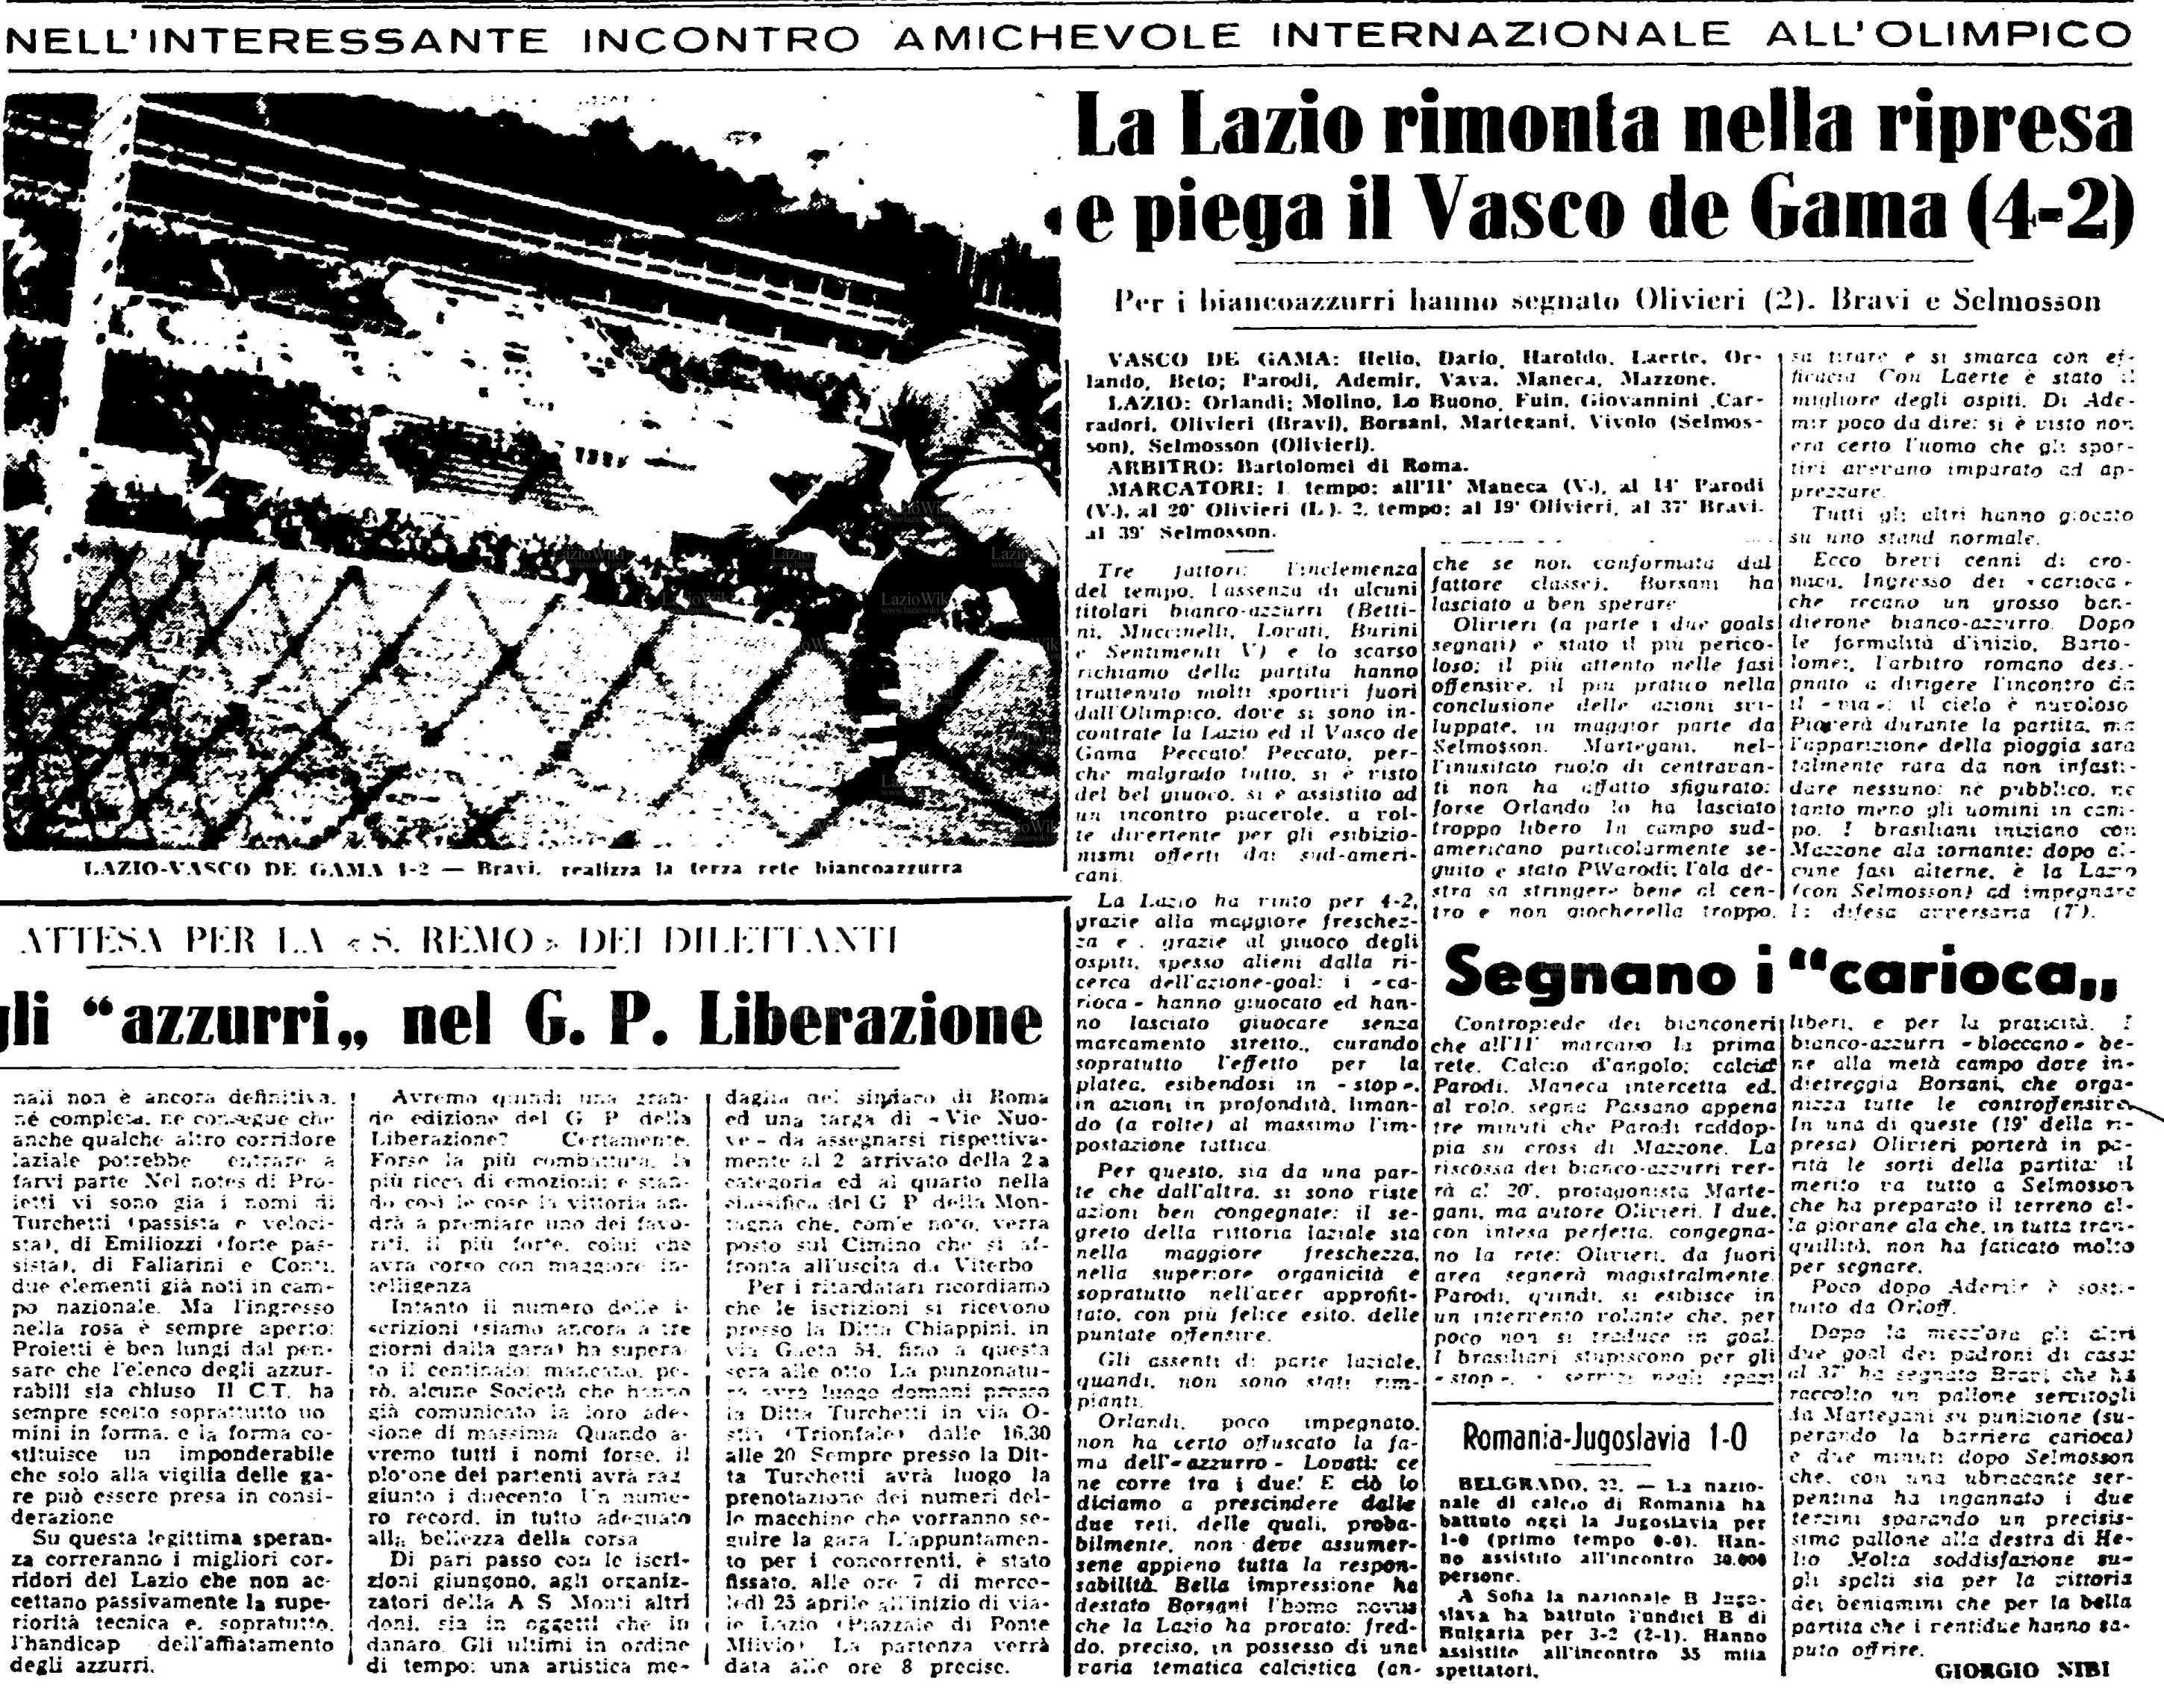 Calendario P 2019 Más Arriba-a-fecha Domenica 22 Aprile 1956 Roma Stadio Olimpico Lazio Of Calendario P 2019 Más Populares Hebrew Calendar 2019